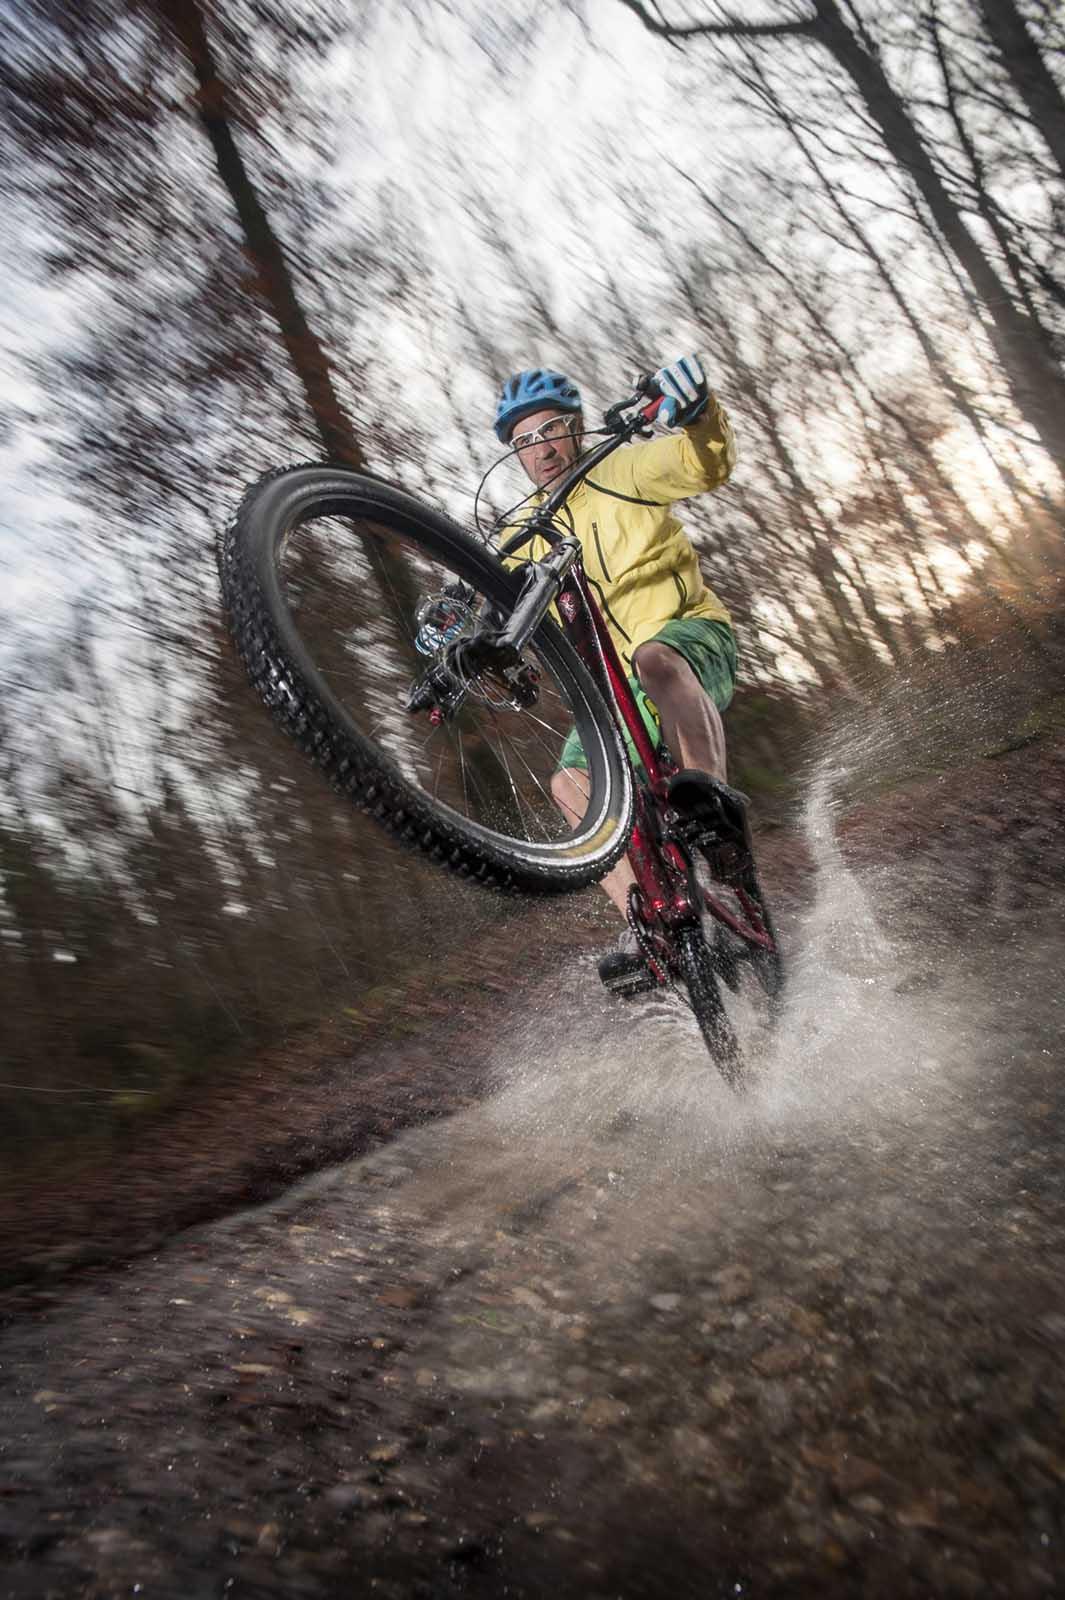 Sportfotografie-München-Mountainbike-MTB-Mann-durch-Wasser-auf-Hinterrad-Wasser-spritzen